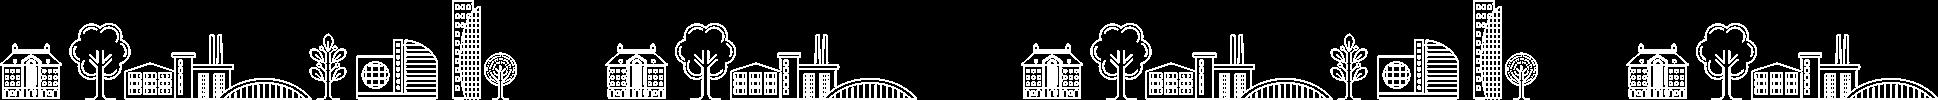 background-image shape_1